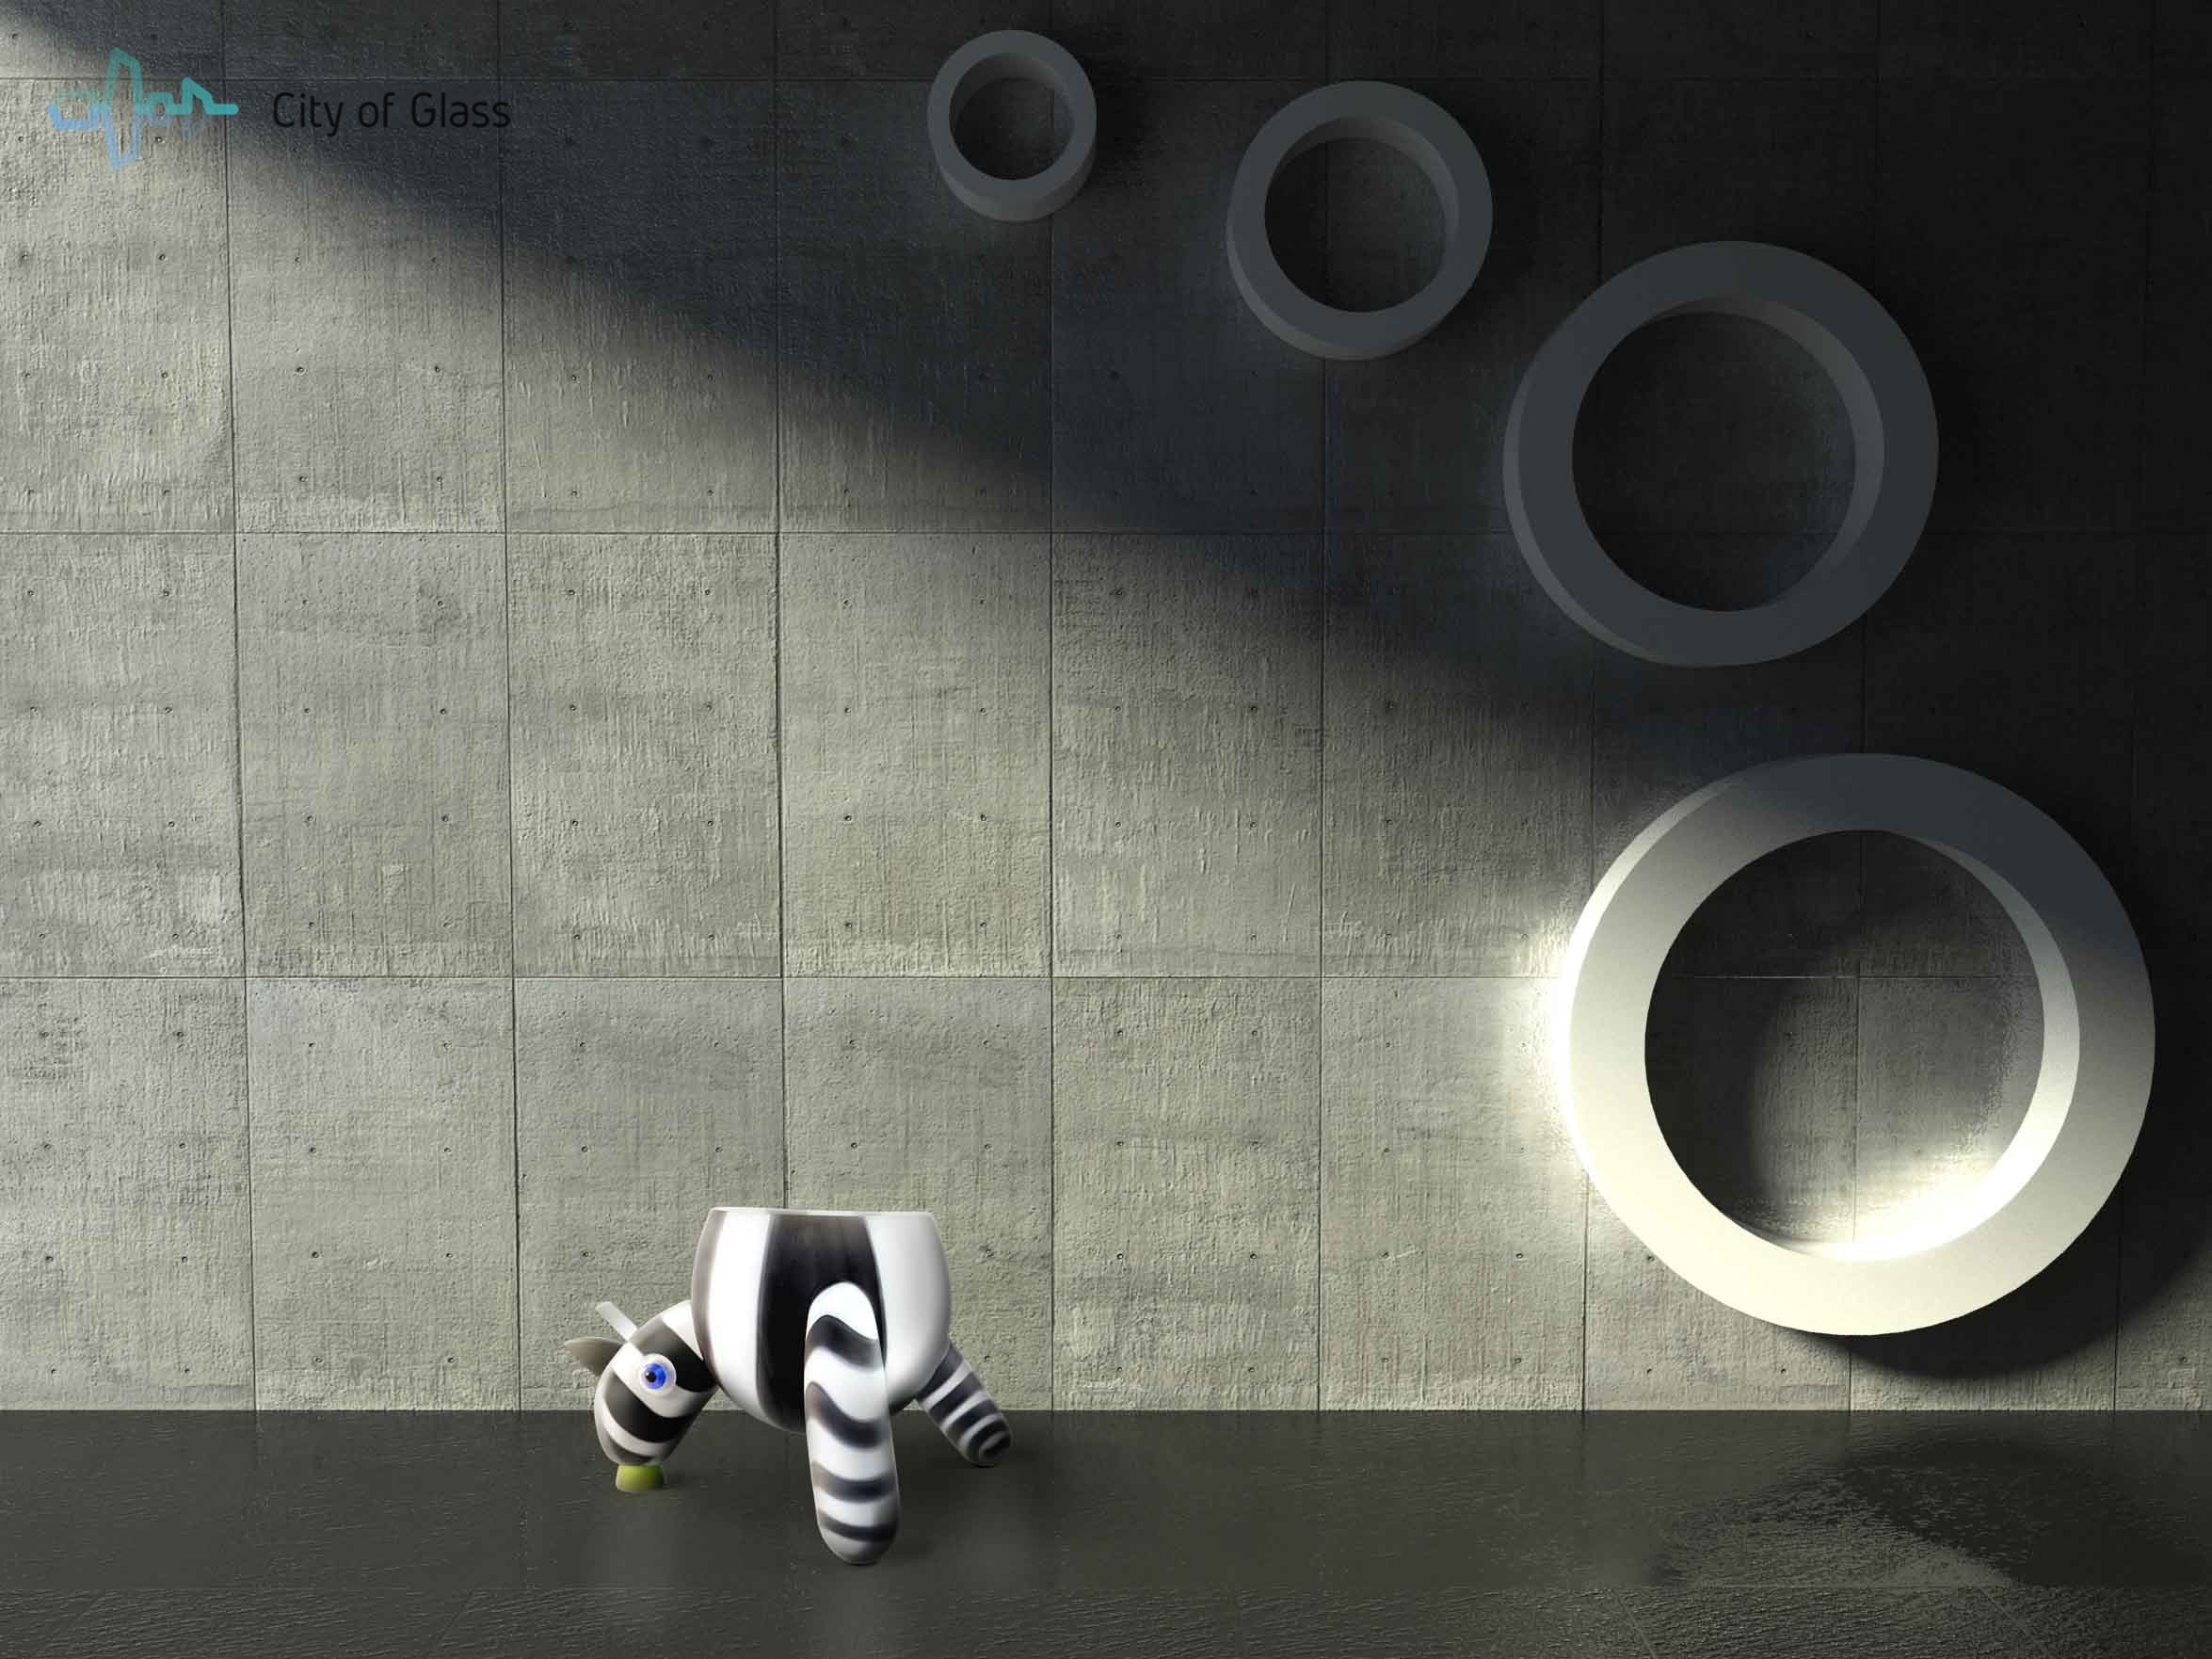 grote interieurobject zebra van loranto,